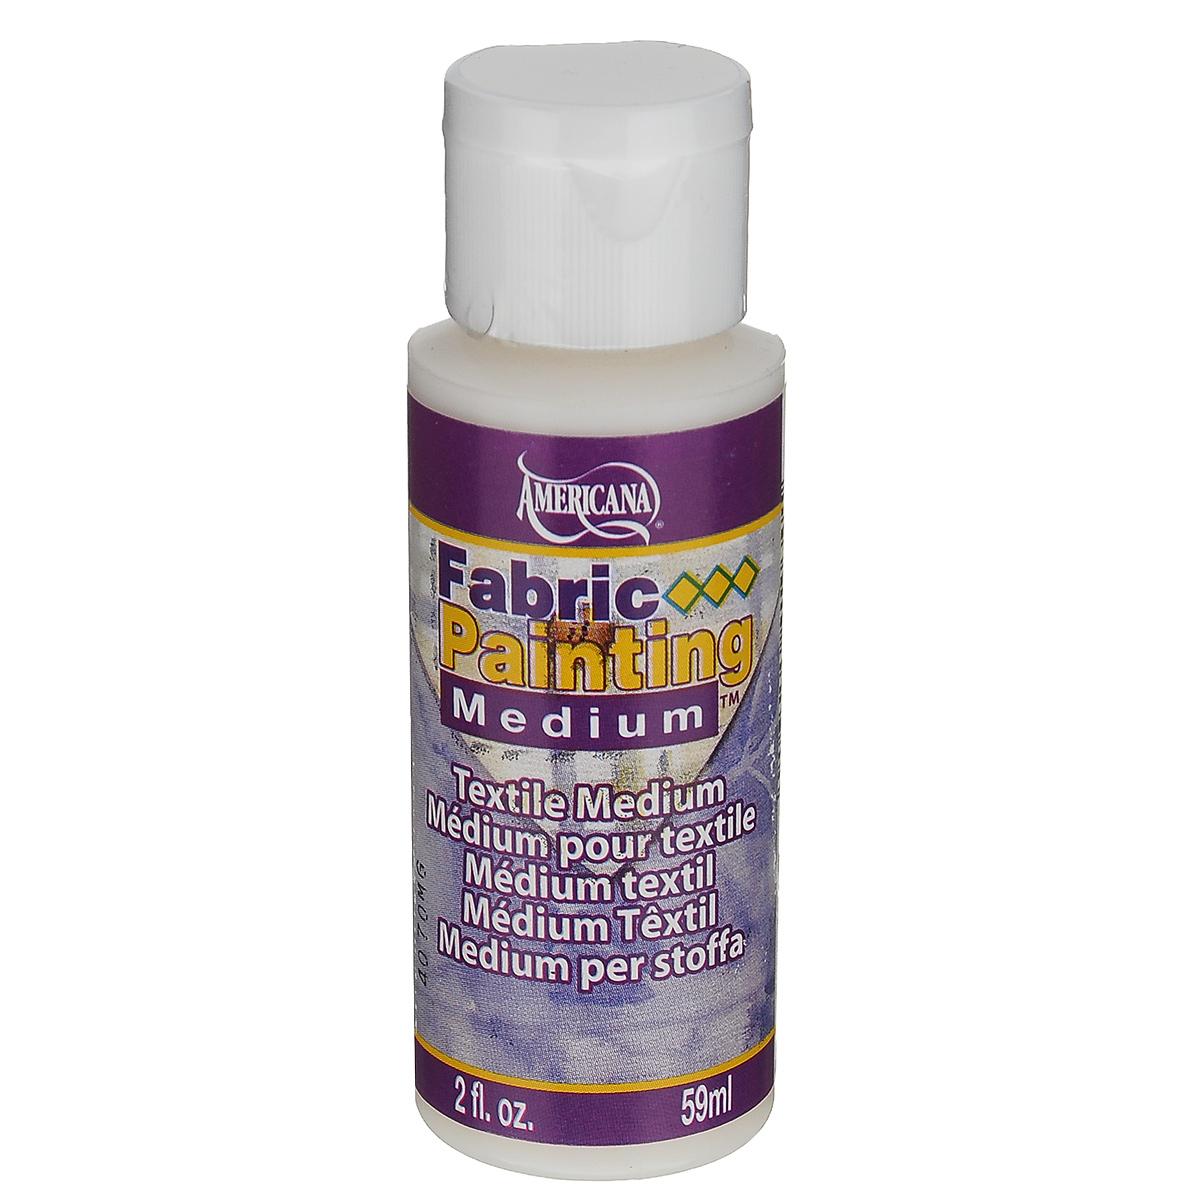 Медиум для ткани Americana Fabric Painting, 59 млDAS10-3Медиум для ткани Americana Fabric Painting в сочетании с акриловой краской создает специальную краску для ткани, устойчивую к стирке и не линяющую. Медиум улучшает проникновение краски вглубь ткани и обеспечивает прочную связь пигментов и волокон ткани - что помогает предотвратить образование трещинок в рисунке на ткани, выцветание, вытирание или потускнение цветов. Медиум Americana Fabric Painting подходит как для раскрашивания одежды, так и домашнего текстиля или аксессуаров. Обеспечивает мягкость финальному рисунку и улучшает смешивание или детализацию цветов. Не токсичен. Можно добавлять оттенки и детали только пока рисунок остается влажным. Чтобы сделать рисунок устойчивым, необходимо закрепить через нагрев - можно утюгом, прогладив место рисунка через ткань или через бумагу. Объем: 59 мл.